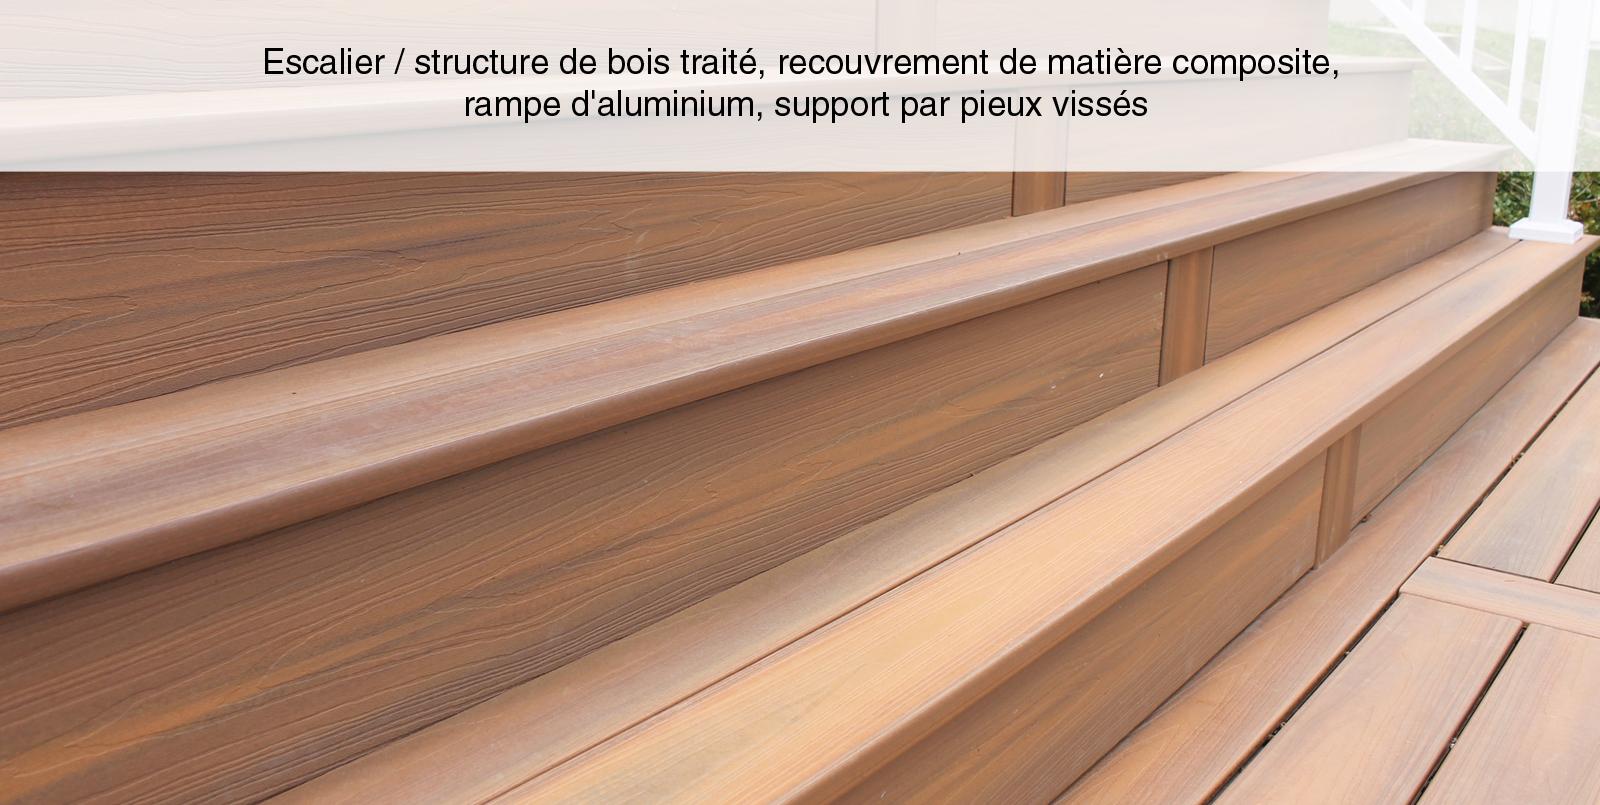 68-1-PANACHE-CONSTRUCTION-RENOVATION-ESCALIERS-BOIS-TRAITE